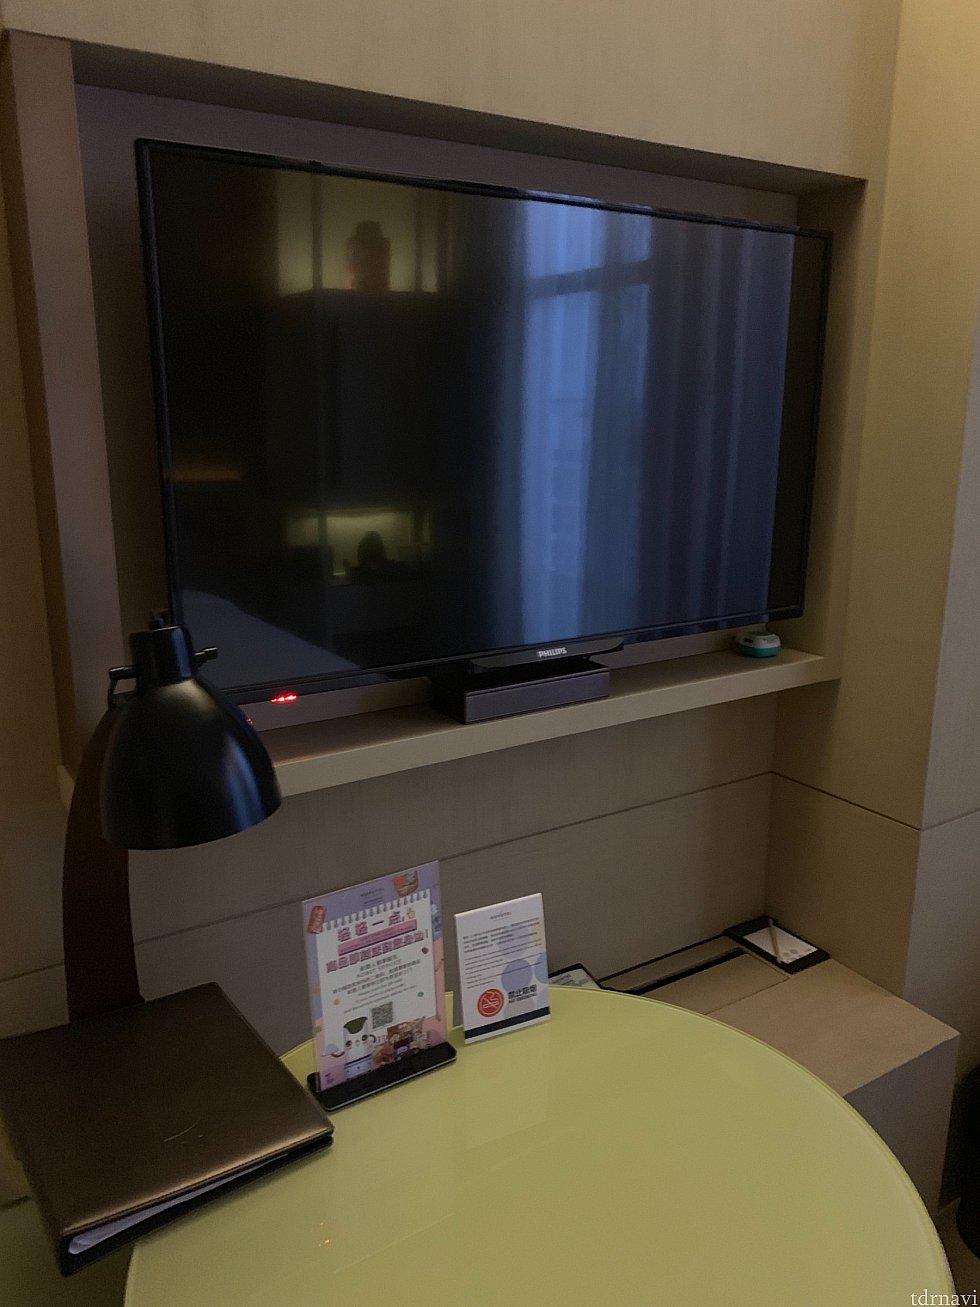 TVも大型のものがあります。 電波がよろしくないのか、ちょこちょこと映像が止まりますw